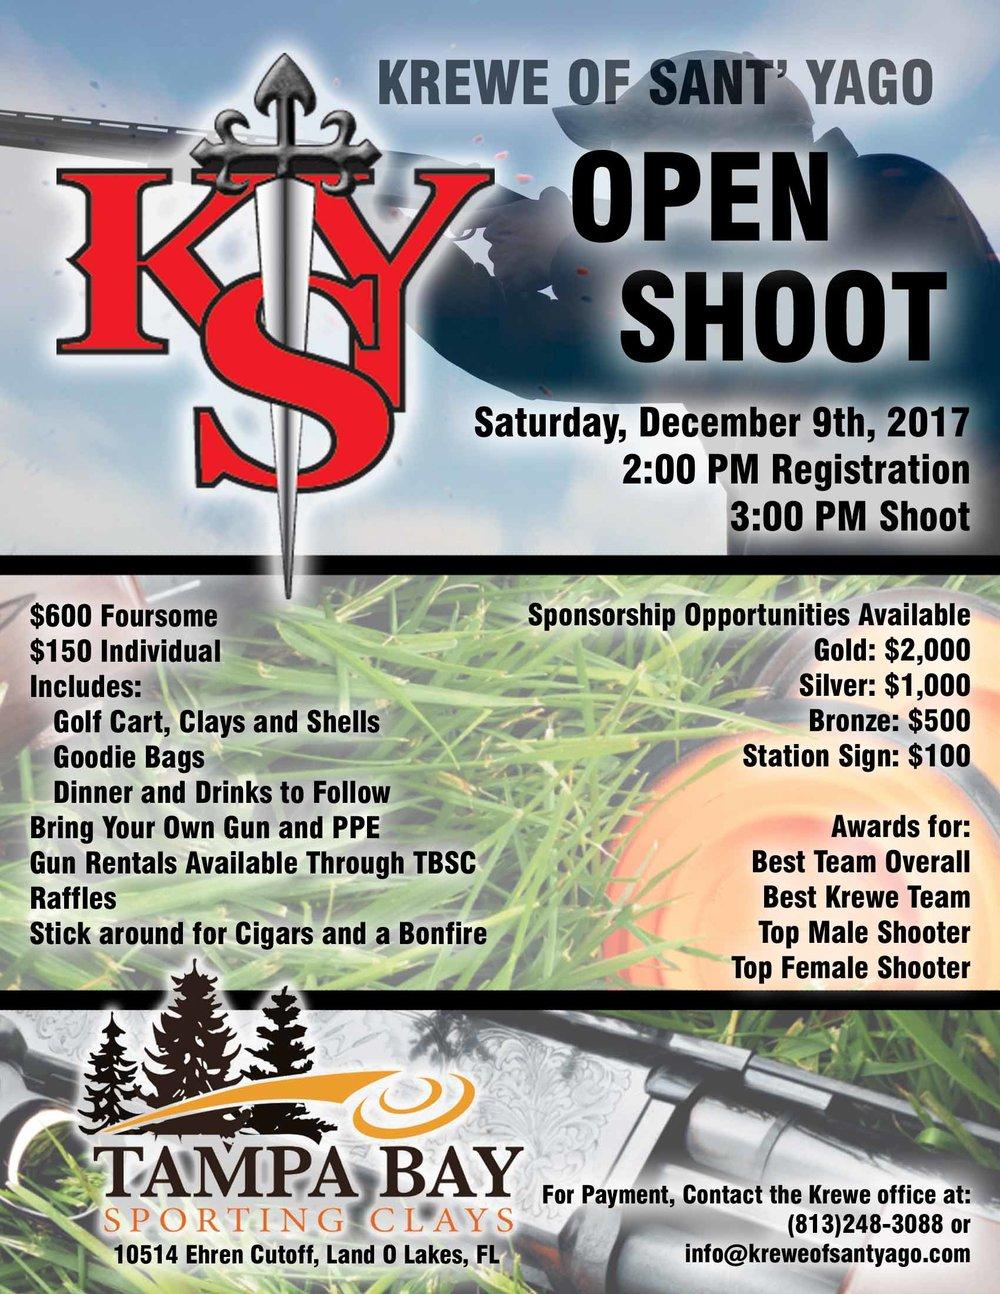 2017 KSY OPEN SHOOT Flyer Final.jpg